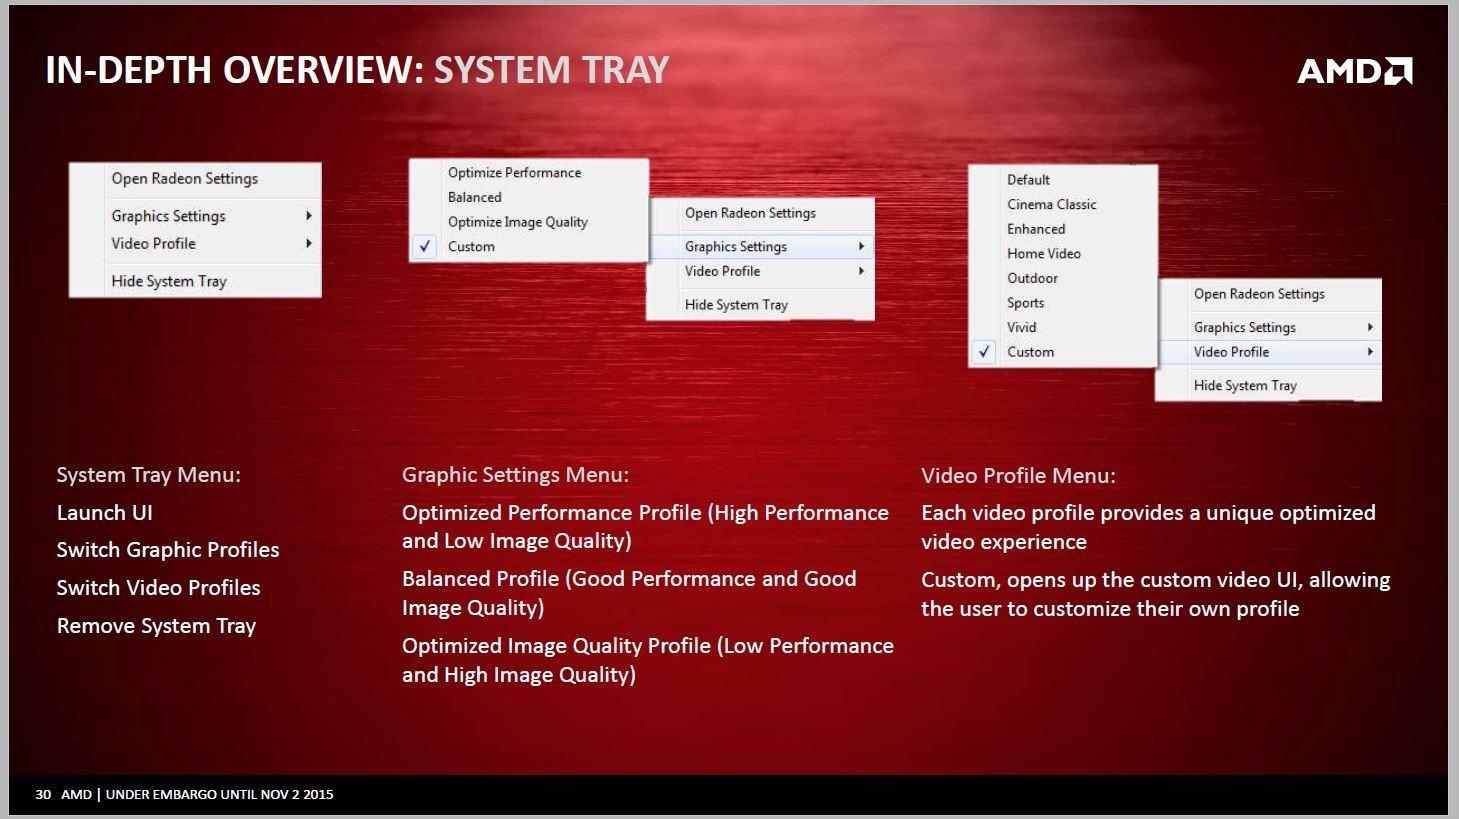 System Tray